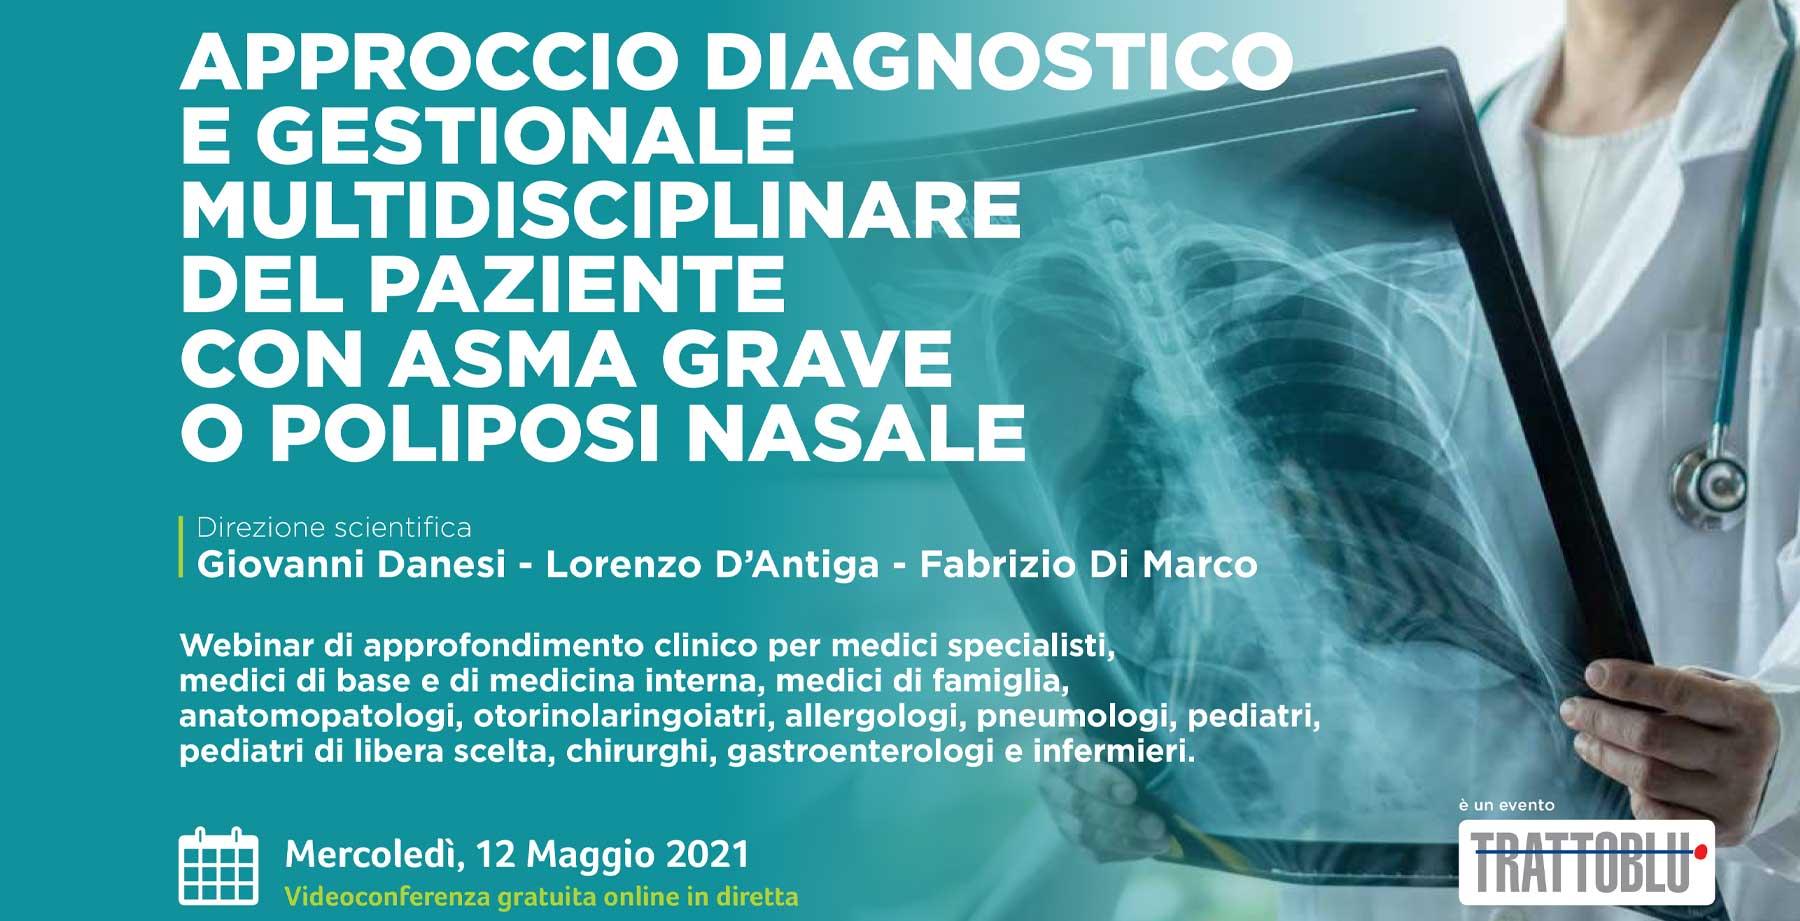 approccio-diagnostico-e-gestionale-del-paziente-con-asma-grave-o-poliposi-nasale-int